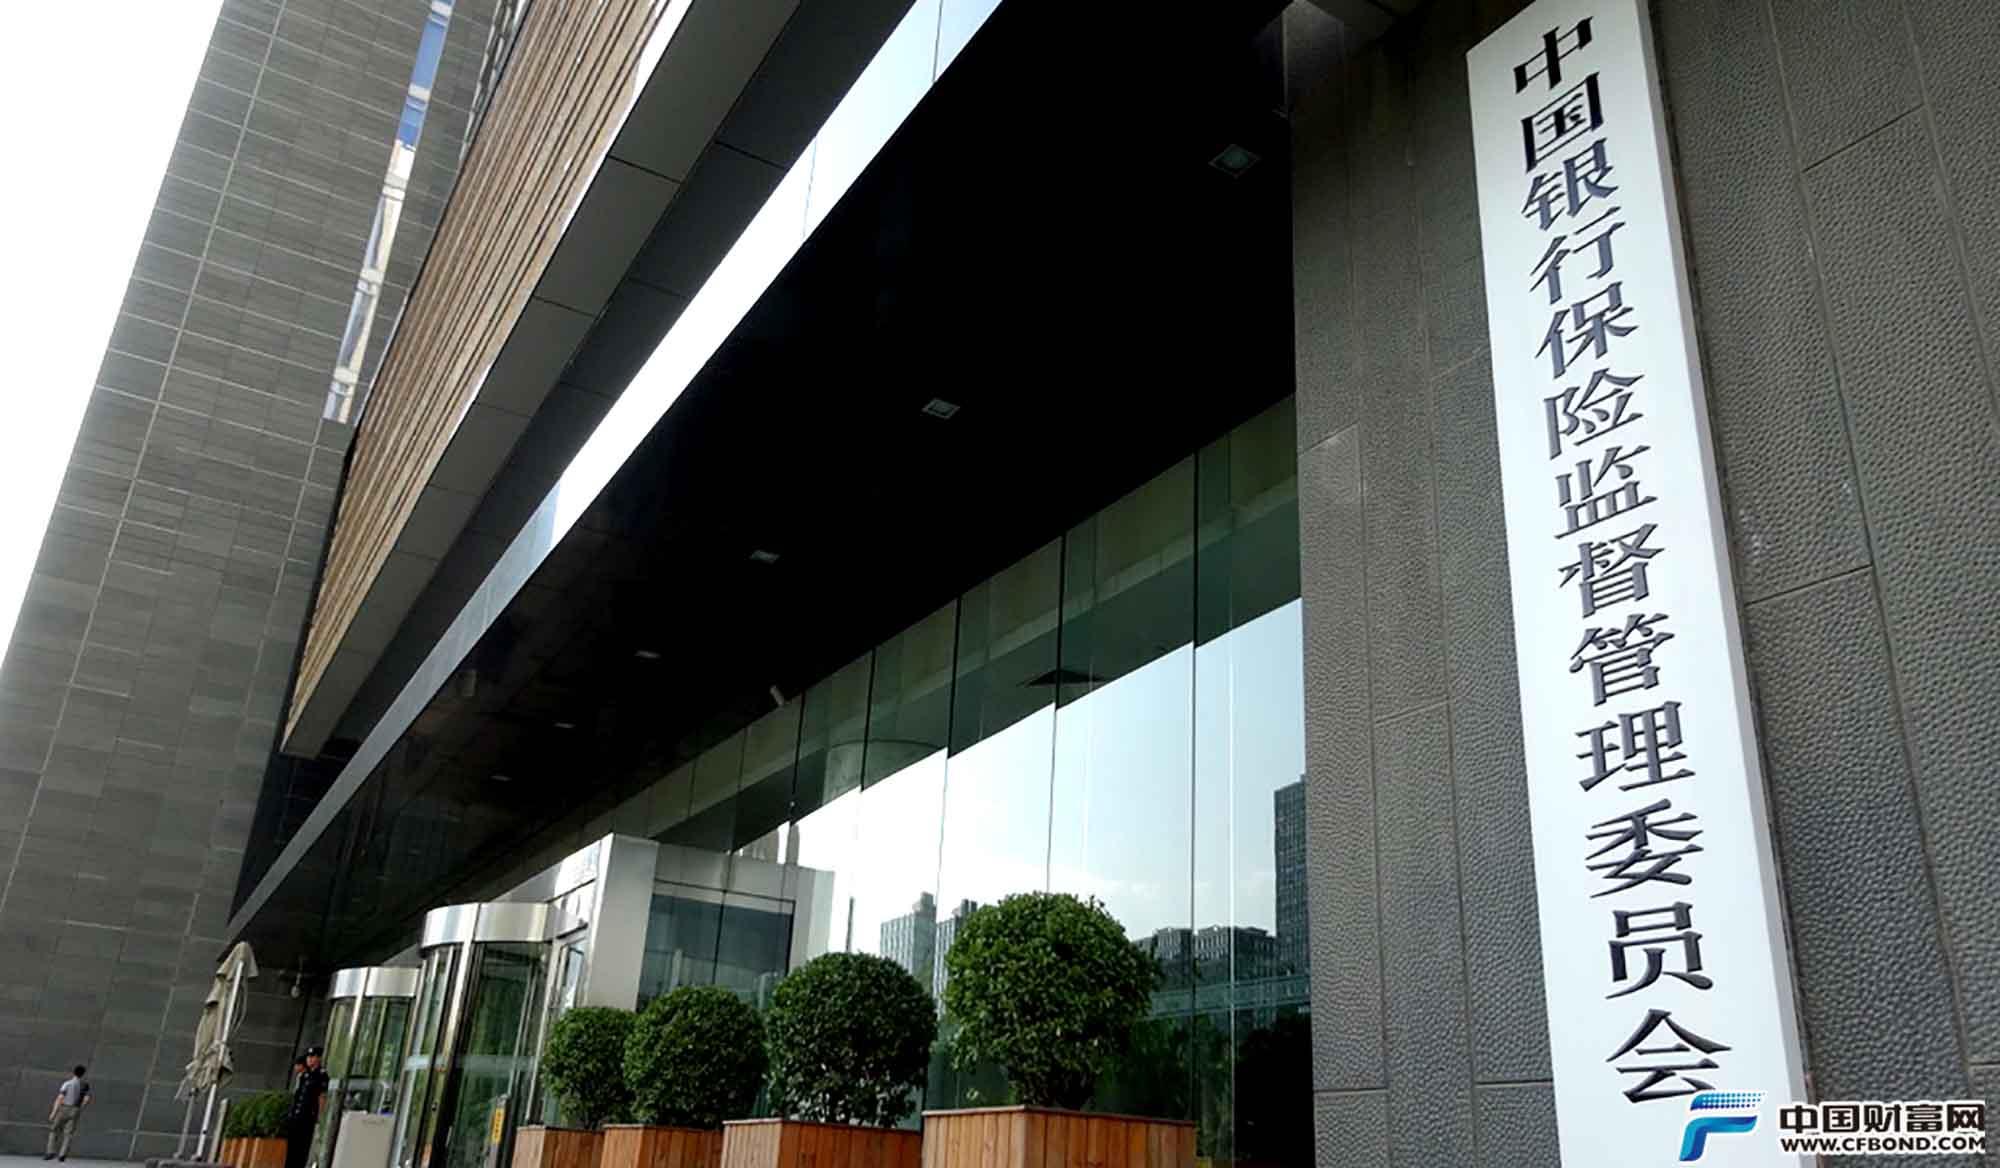 中国人寿保险公司qq_银保监会批准筹建首家外资养老保险公司_要闻_中国财富网